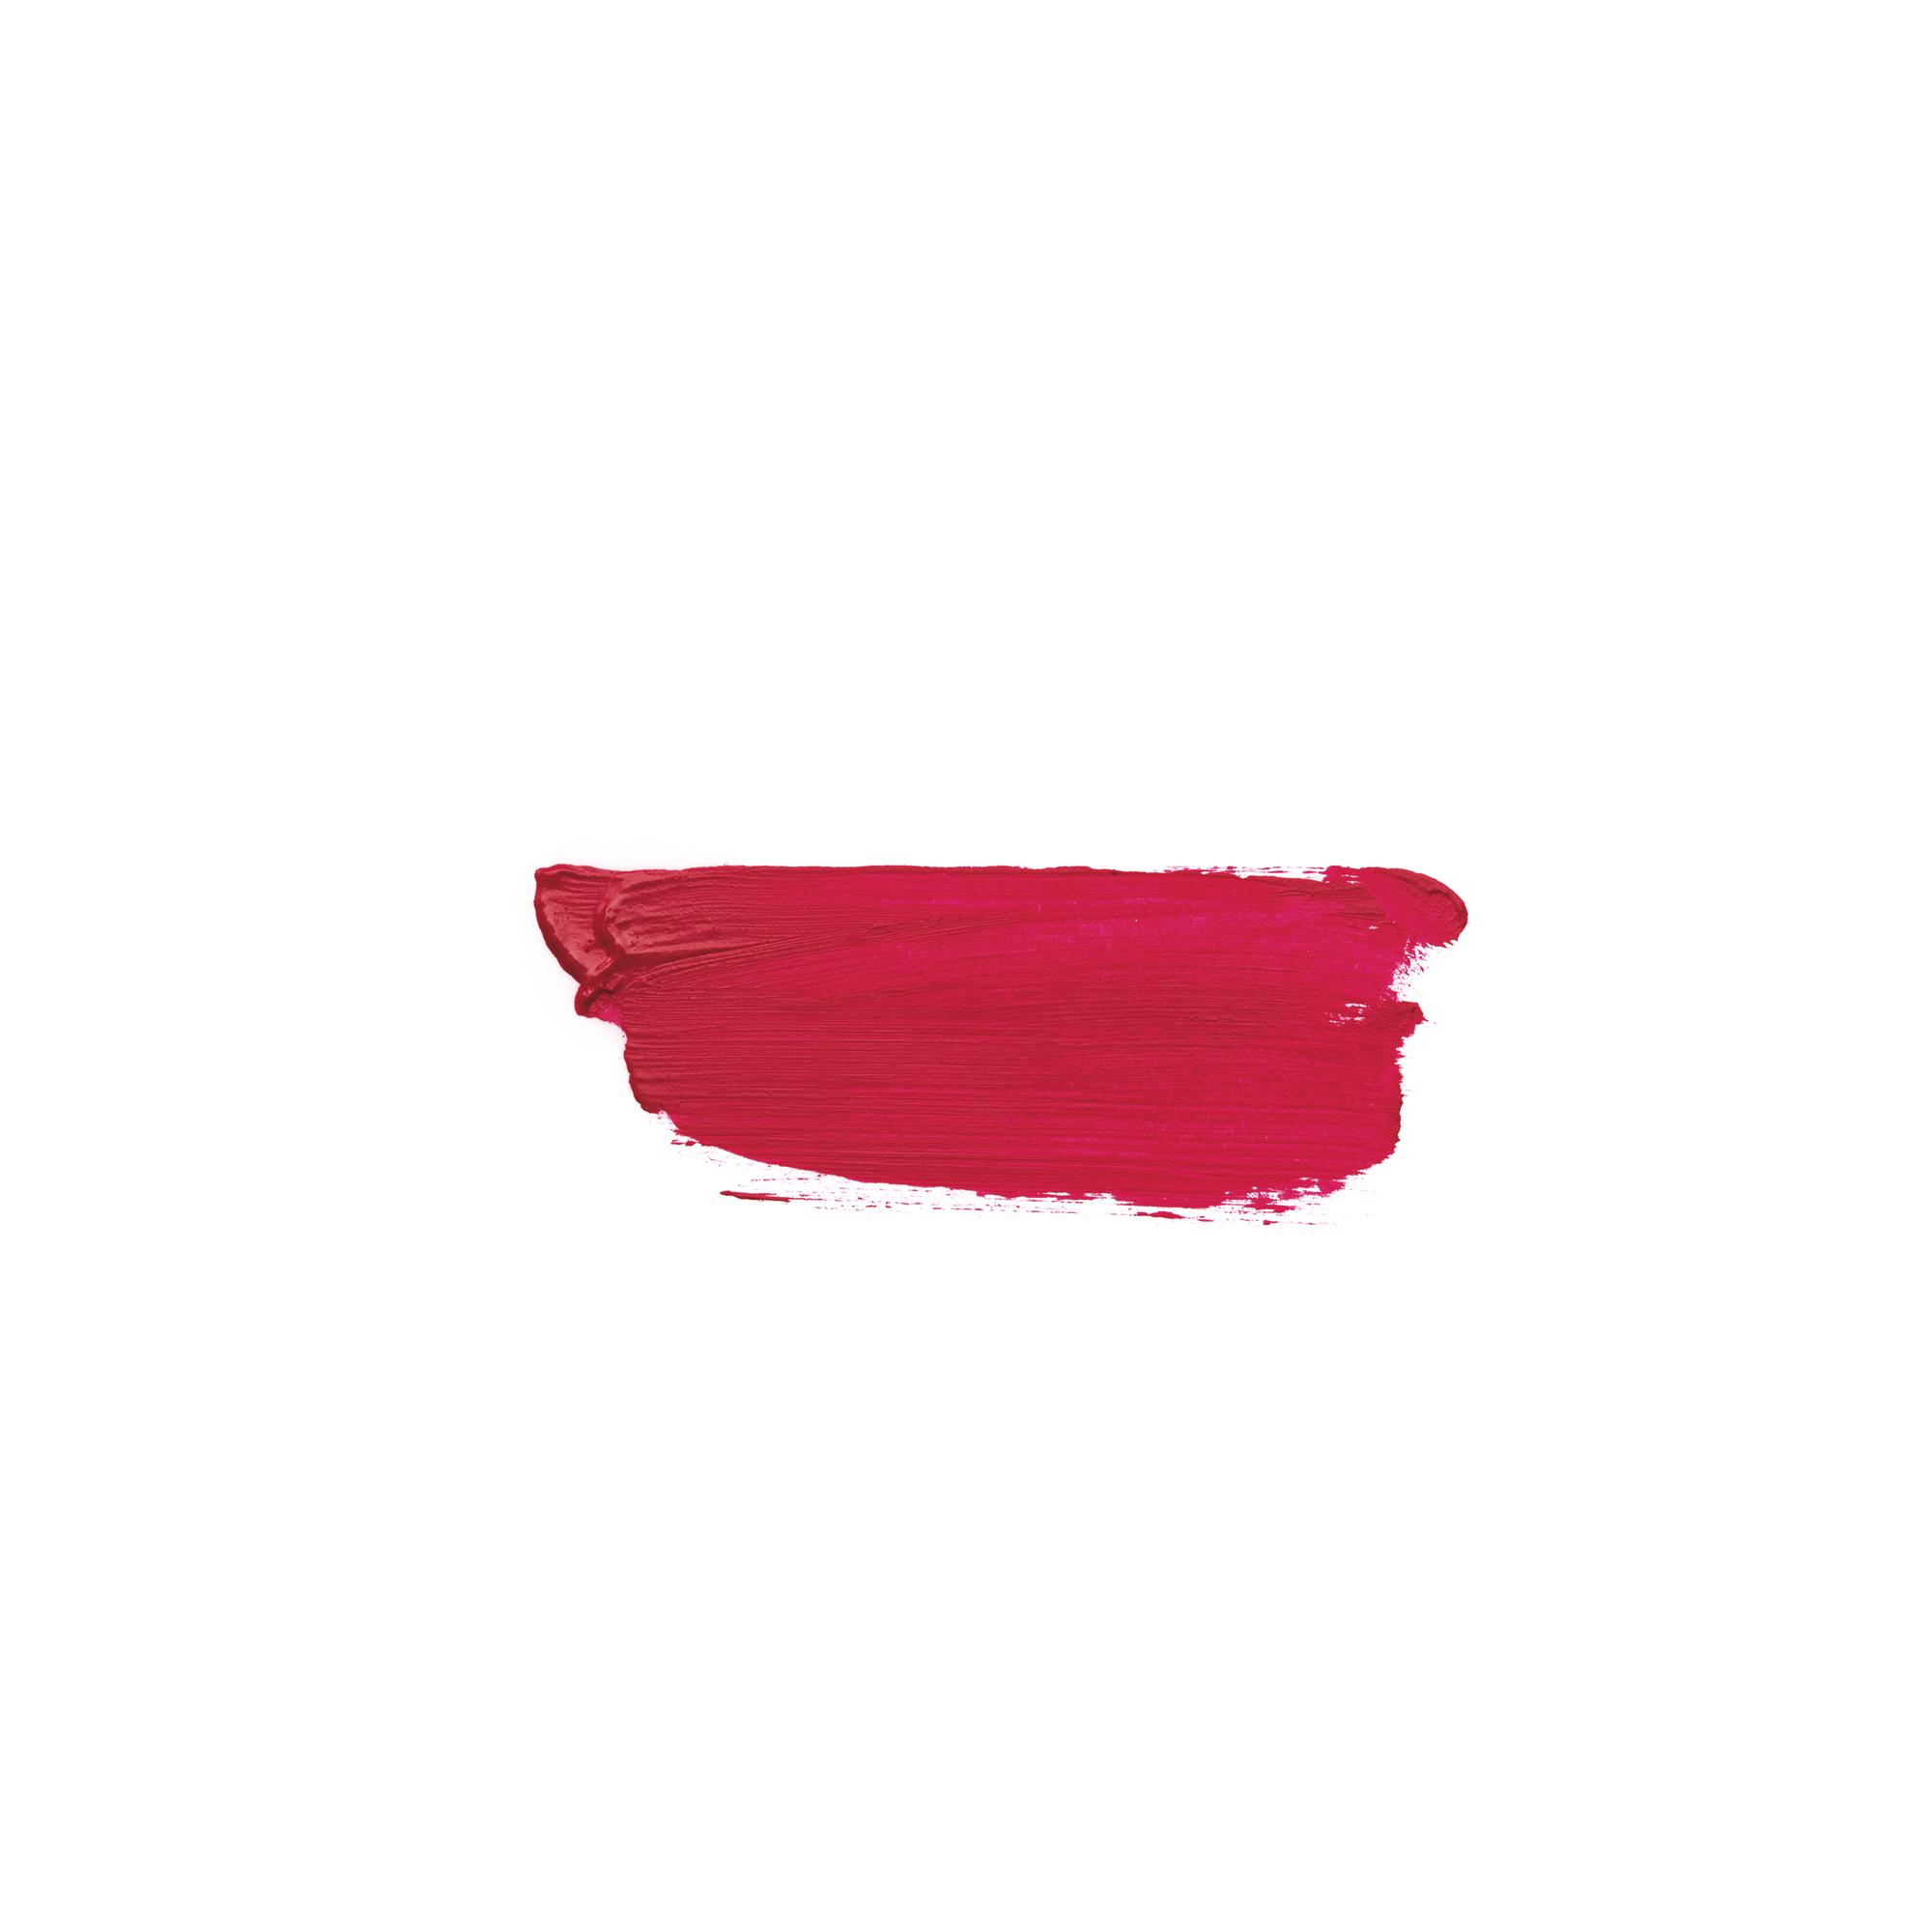 ROUGE A LEVRES N°122 MAT rouge groseille